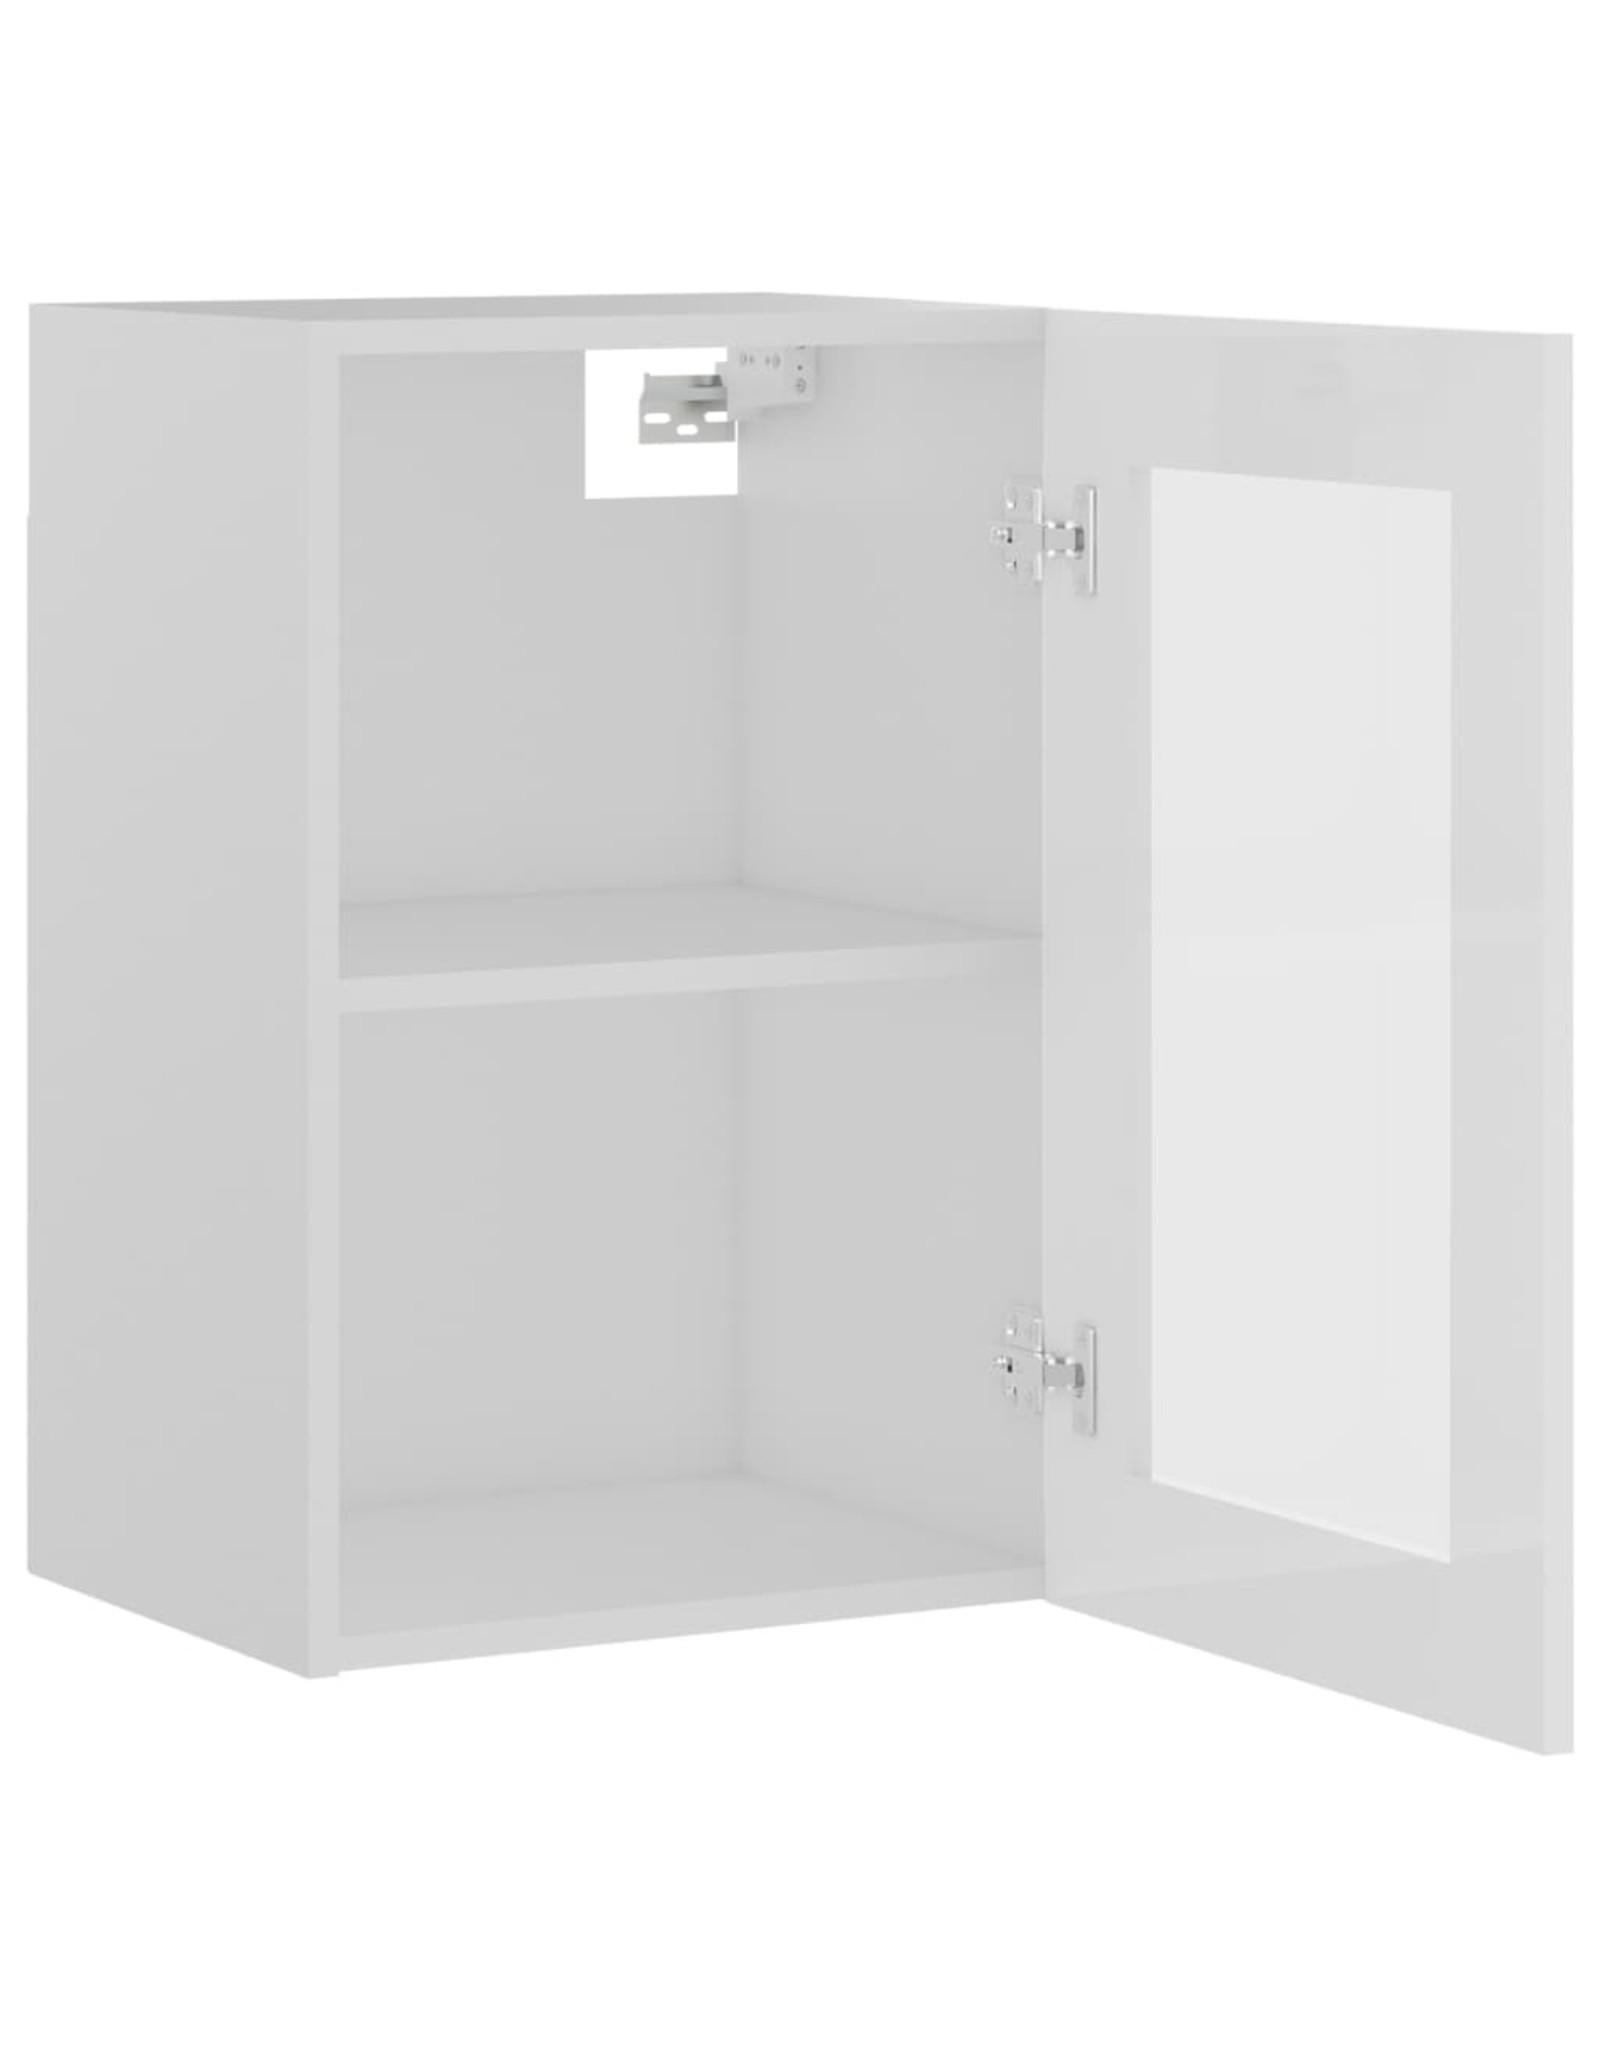 Hangkast 40x31x60 cm spaanplaat hoogglans wit